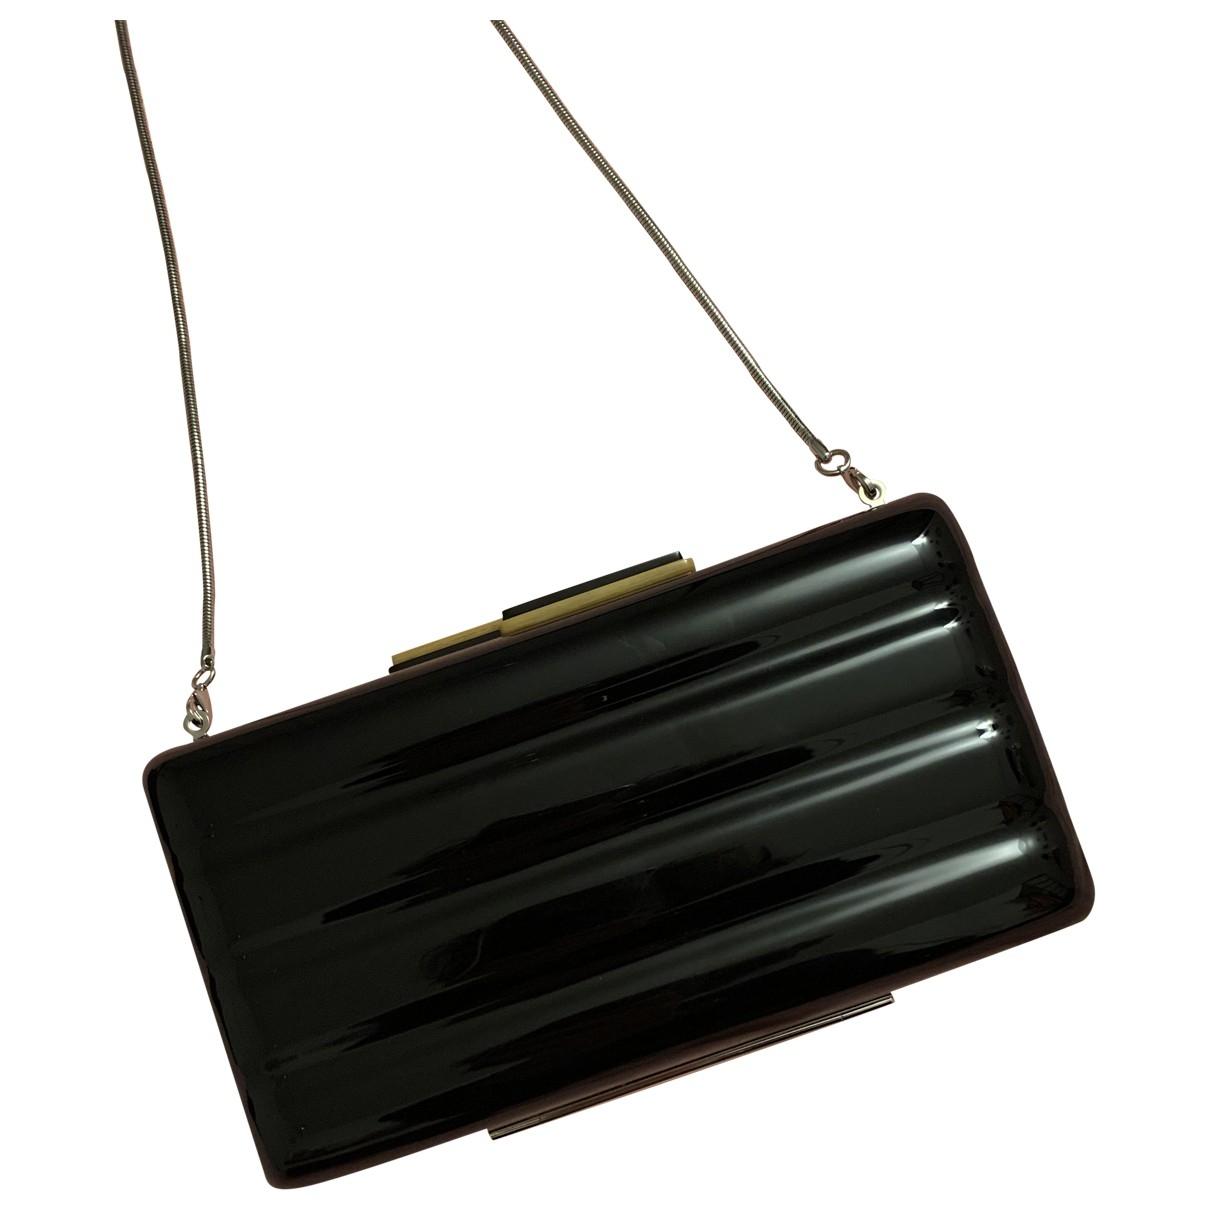 Bolsos clutch en Plastico Negro Angela Caputi